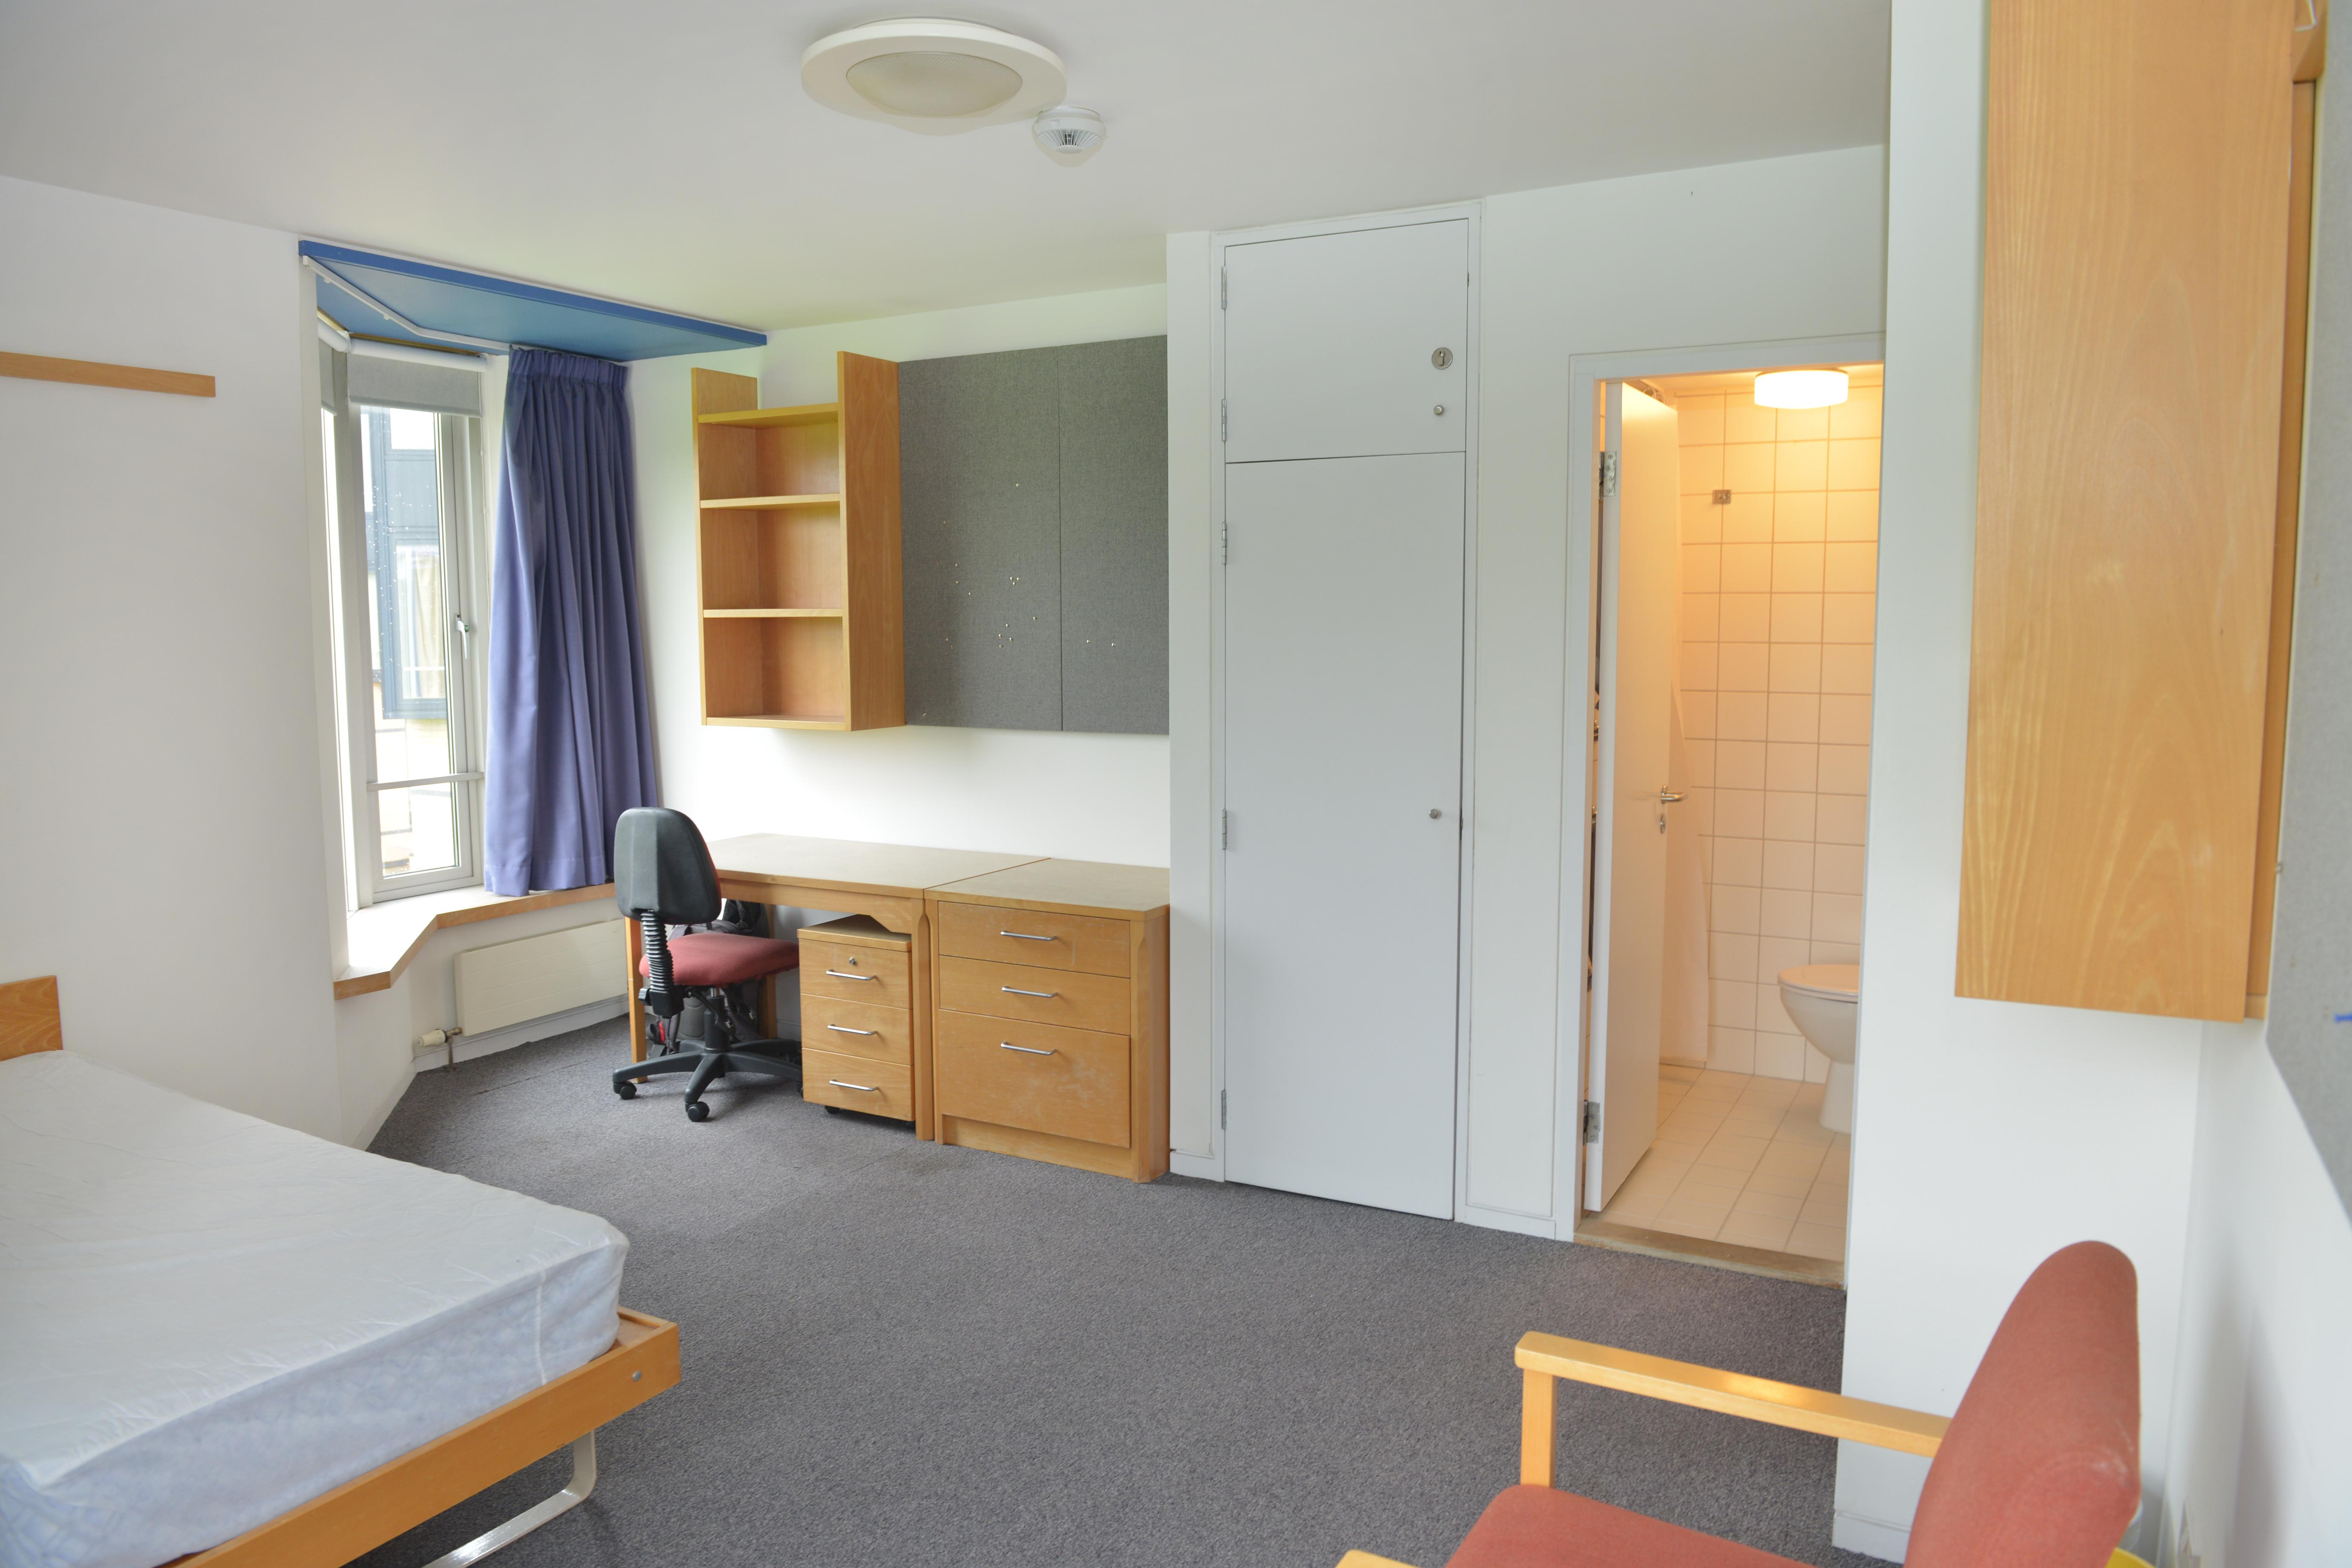 Bedroom, en suite, Jowett Walk (photo: Rob Judges)